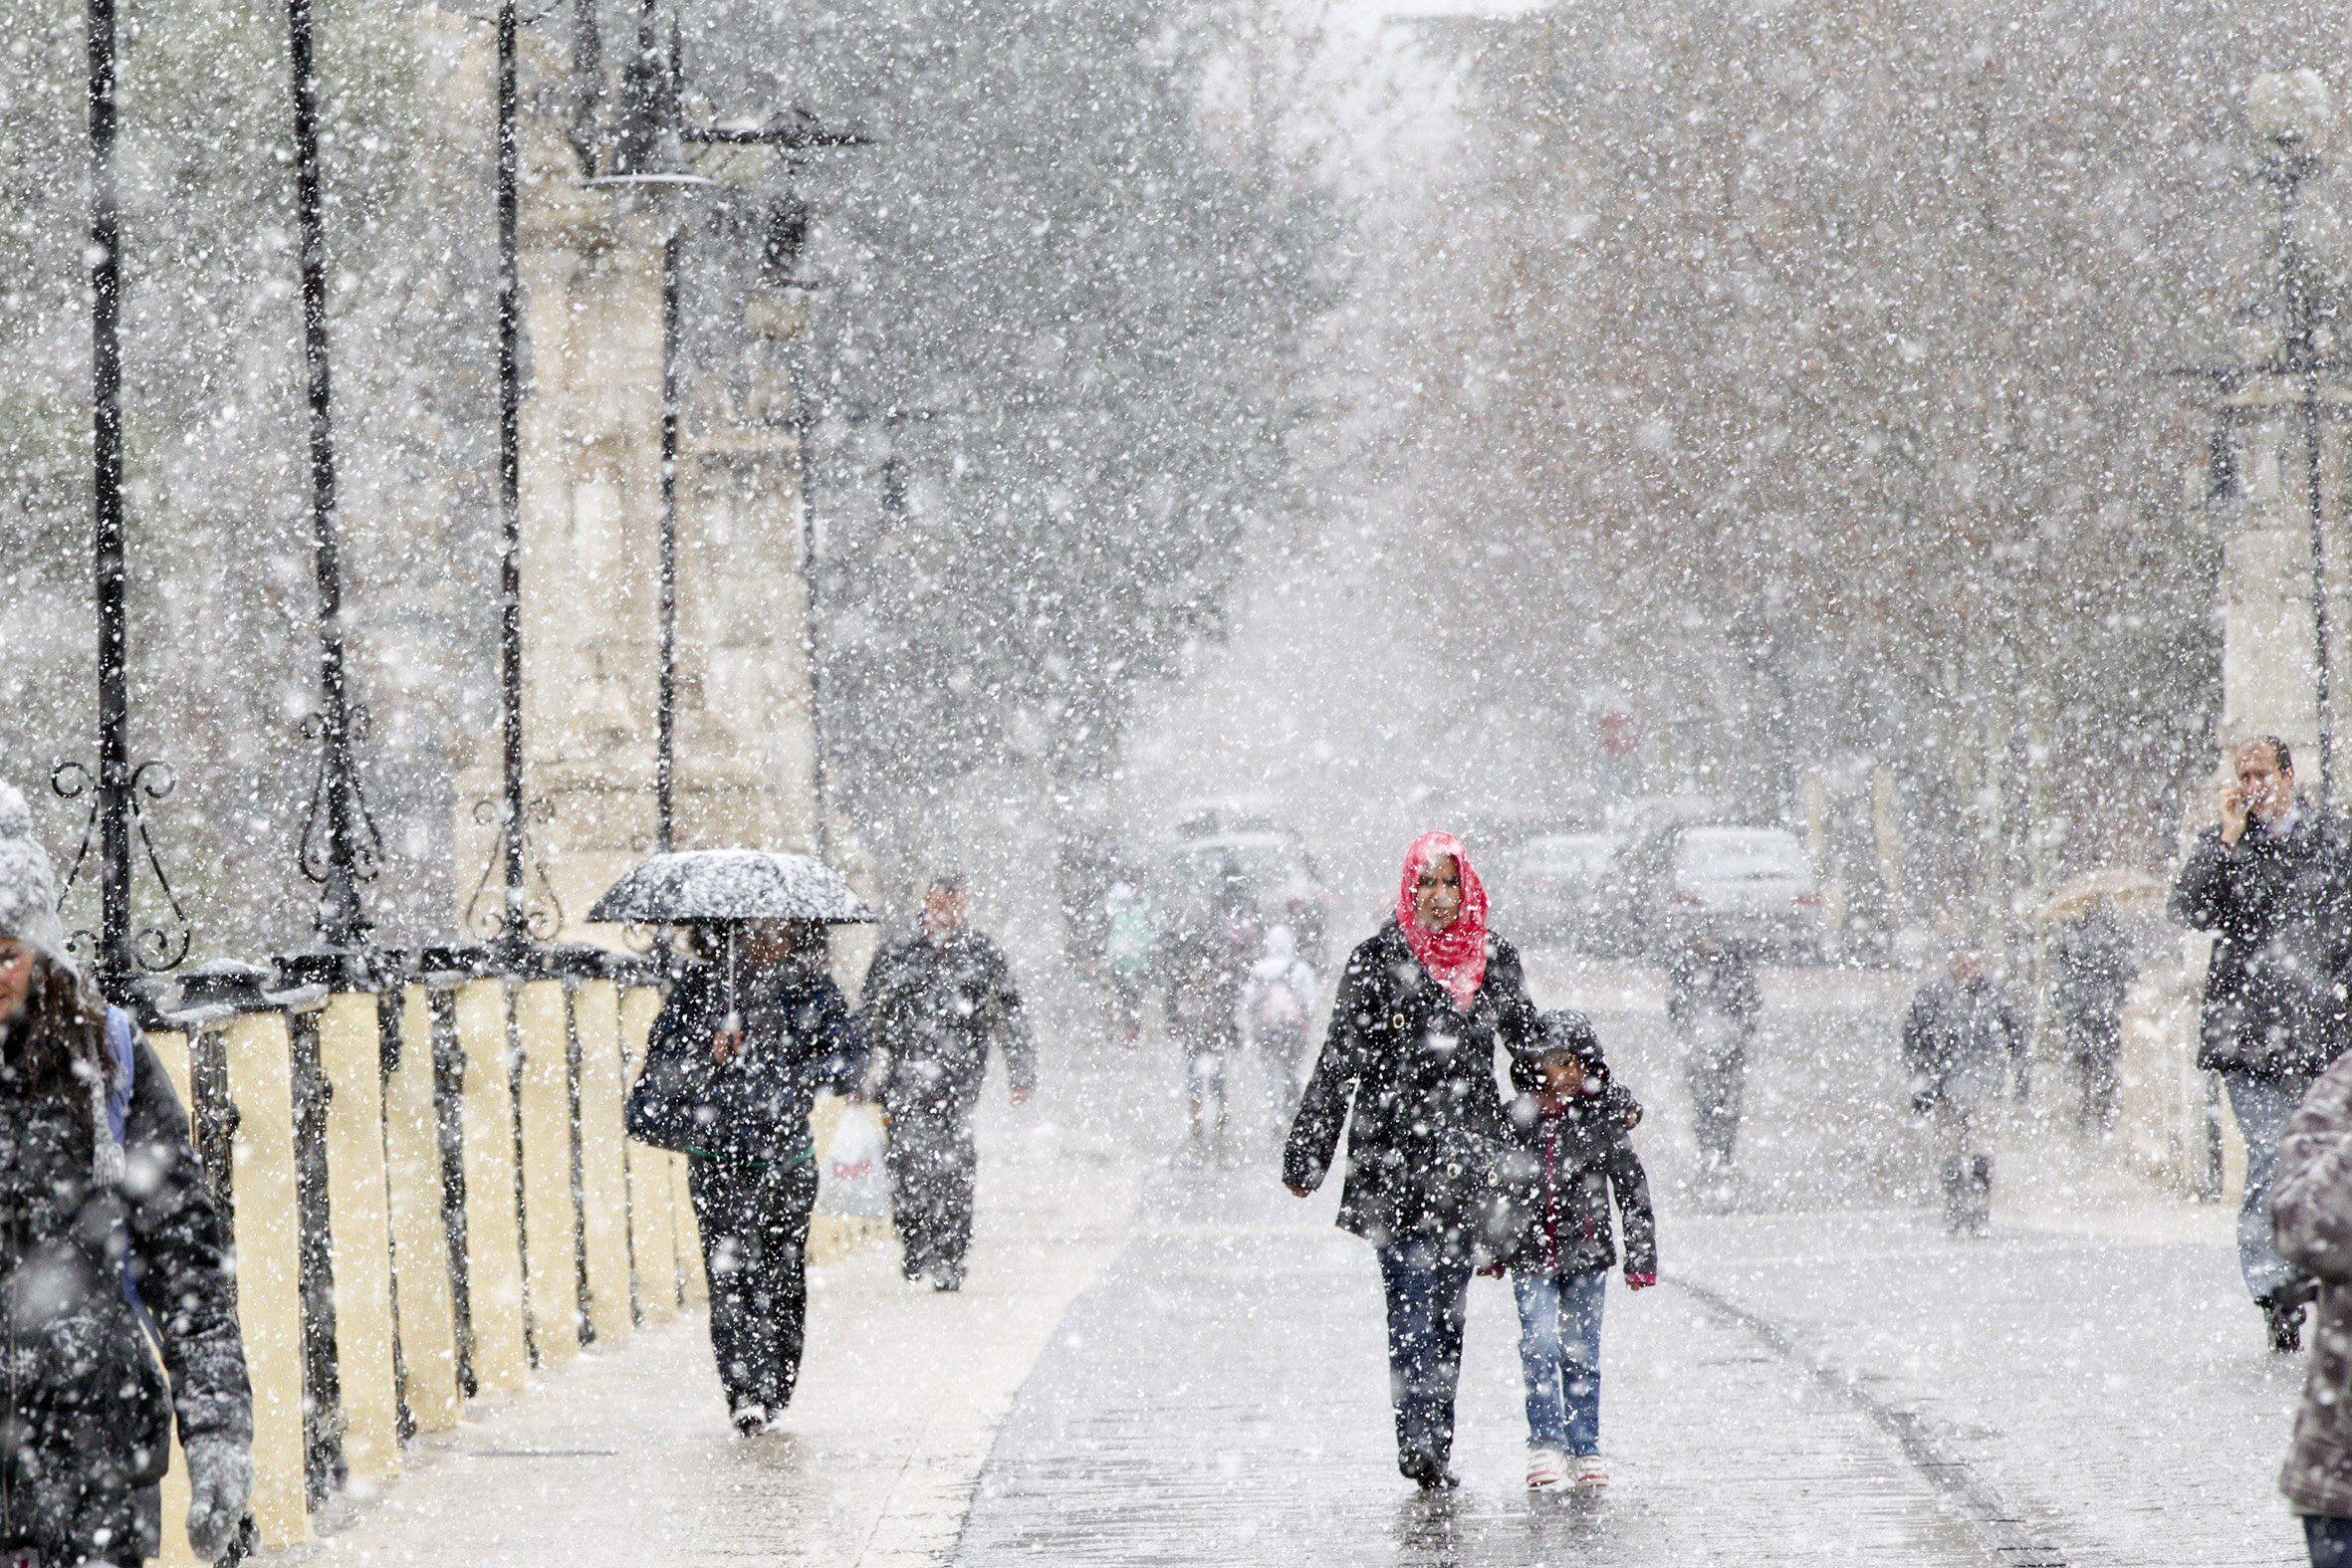 Diecinueve provincias siguen en alerta, aunque el temporal tiende a remitir